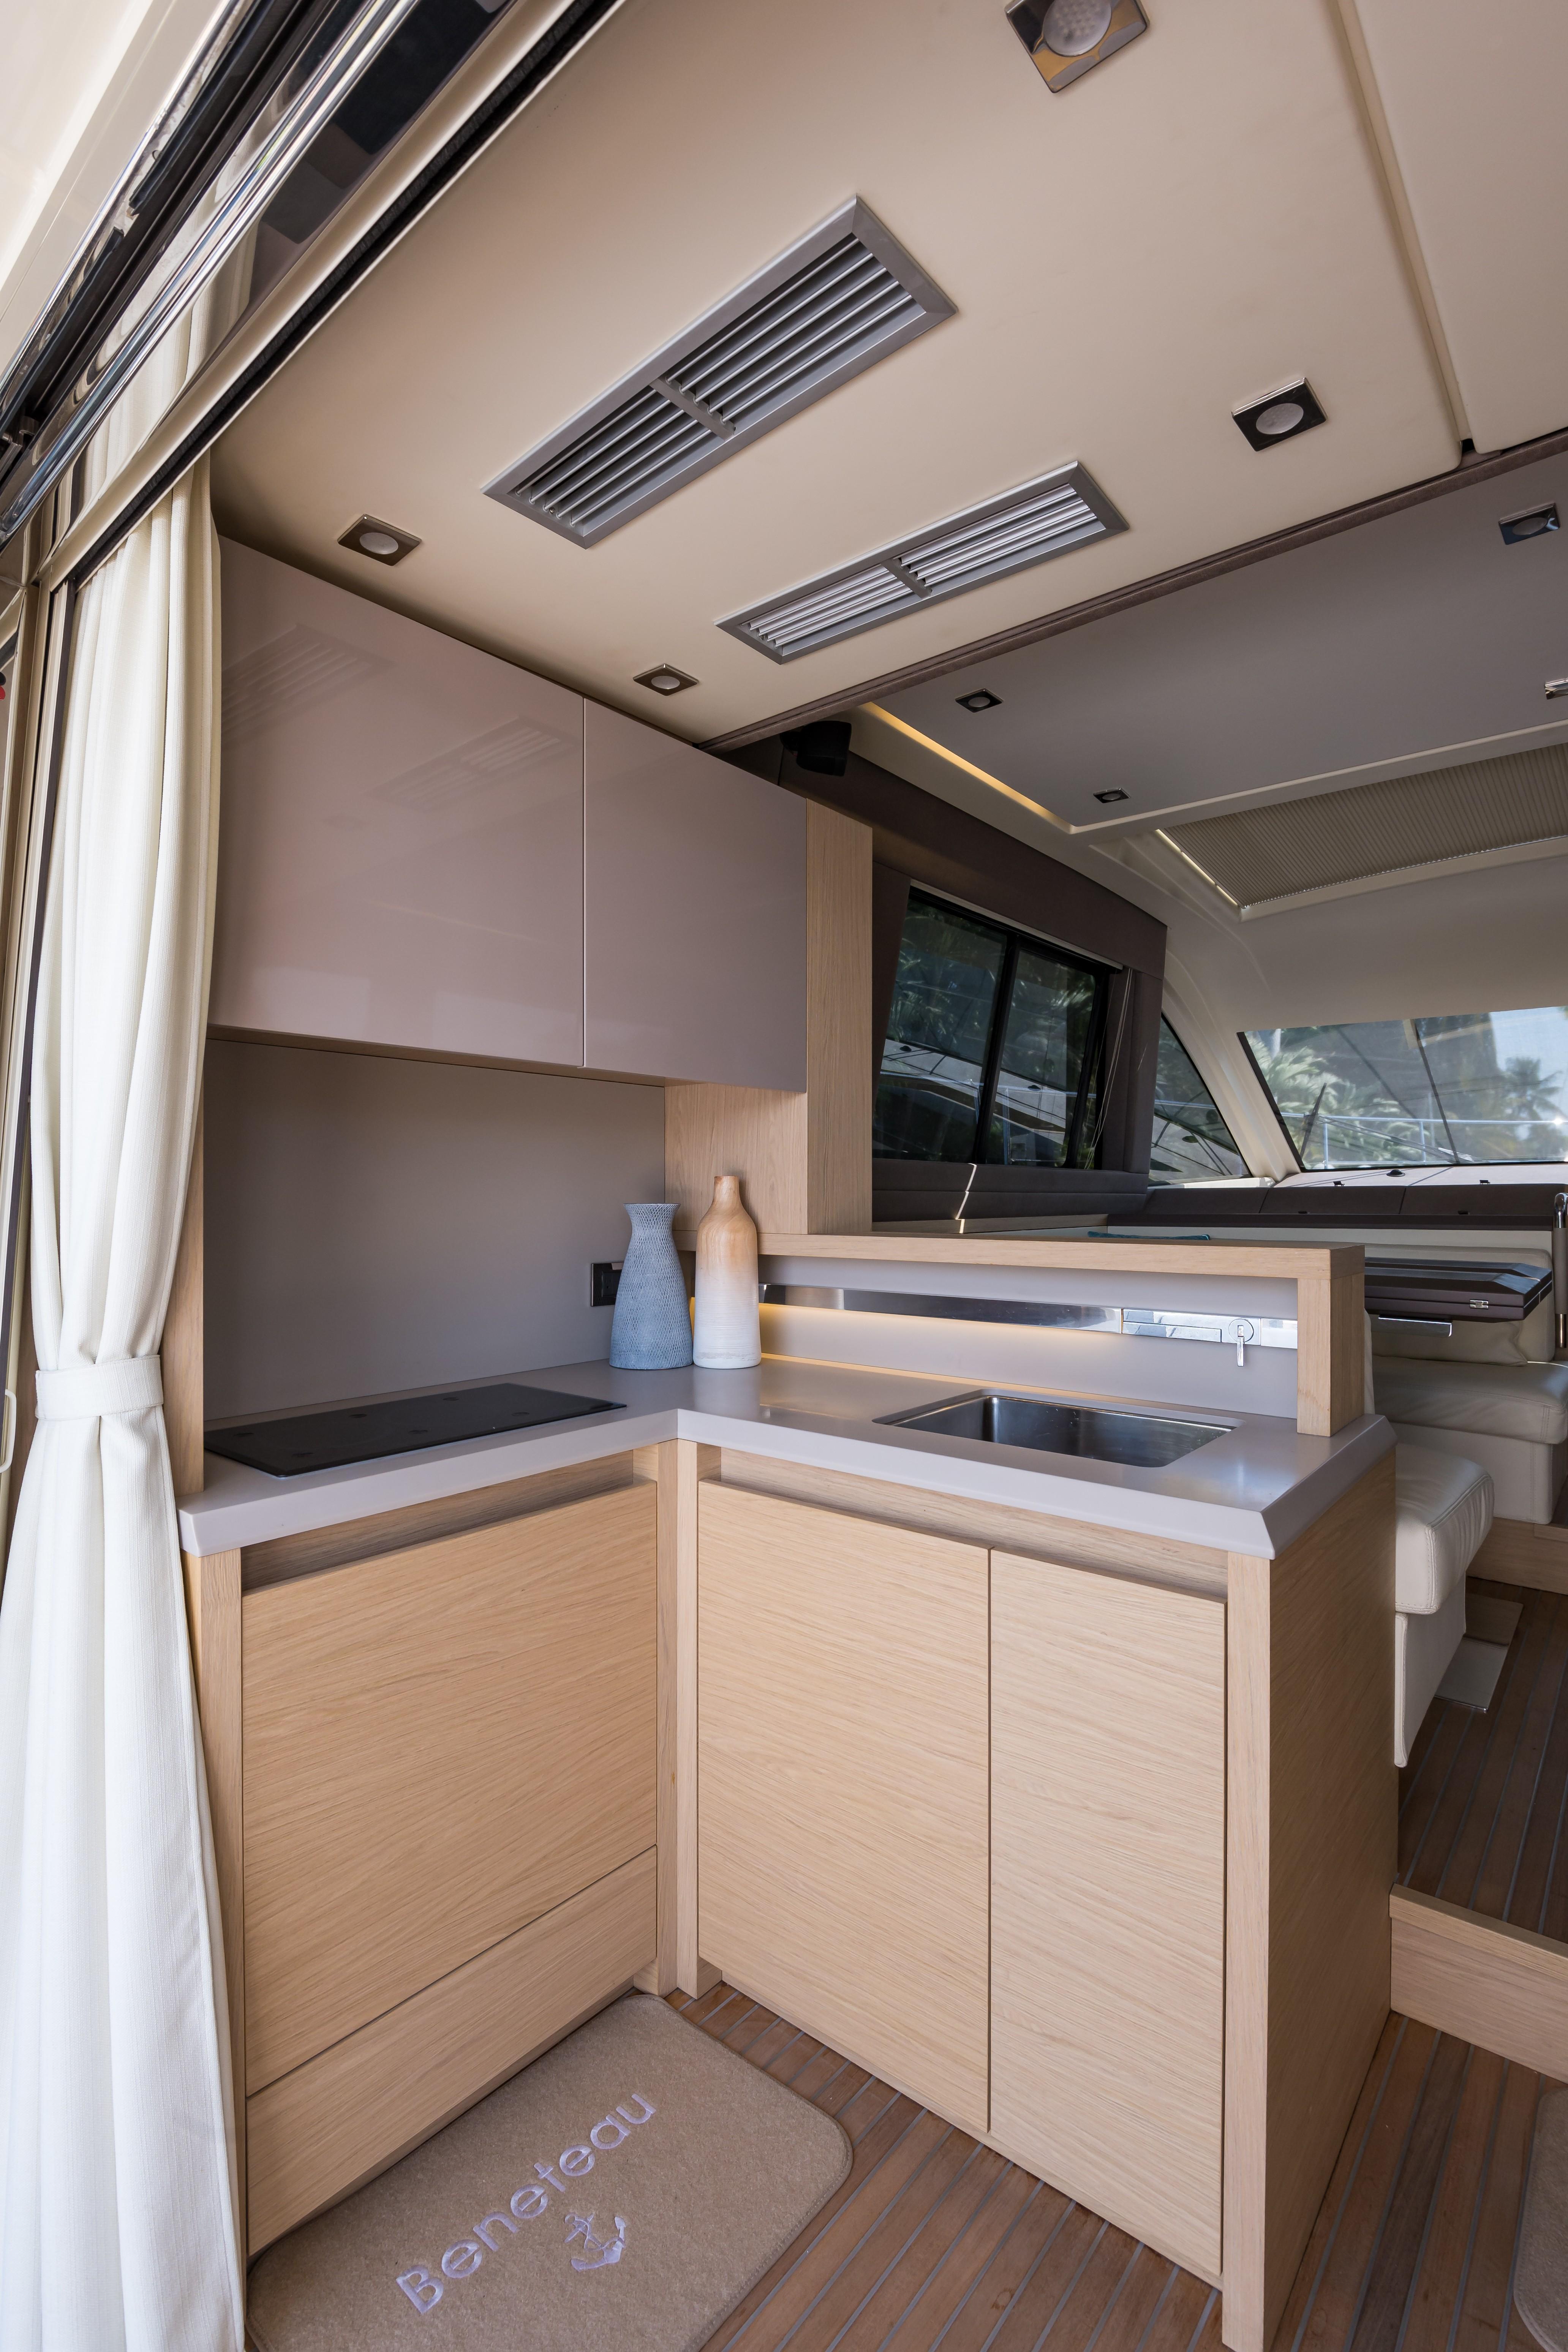 2015 Beneteau Monte Carlo 5S Entrance Galley